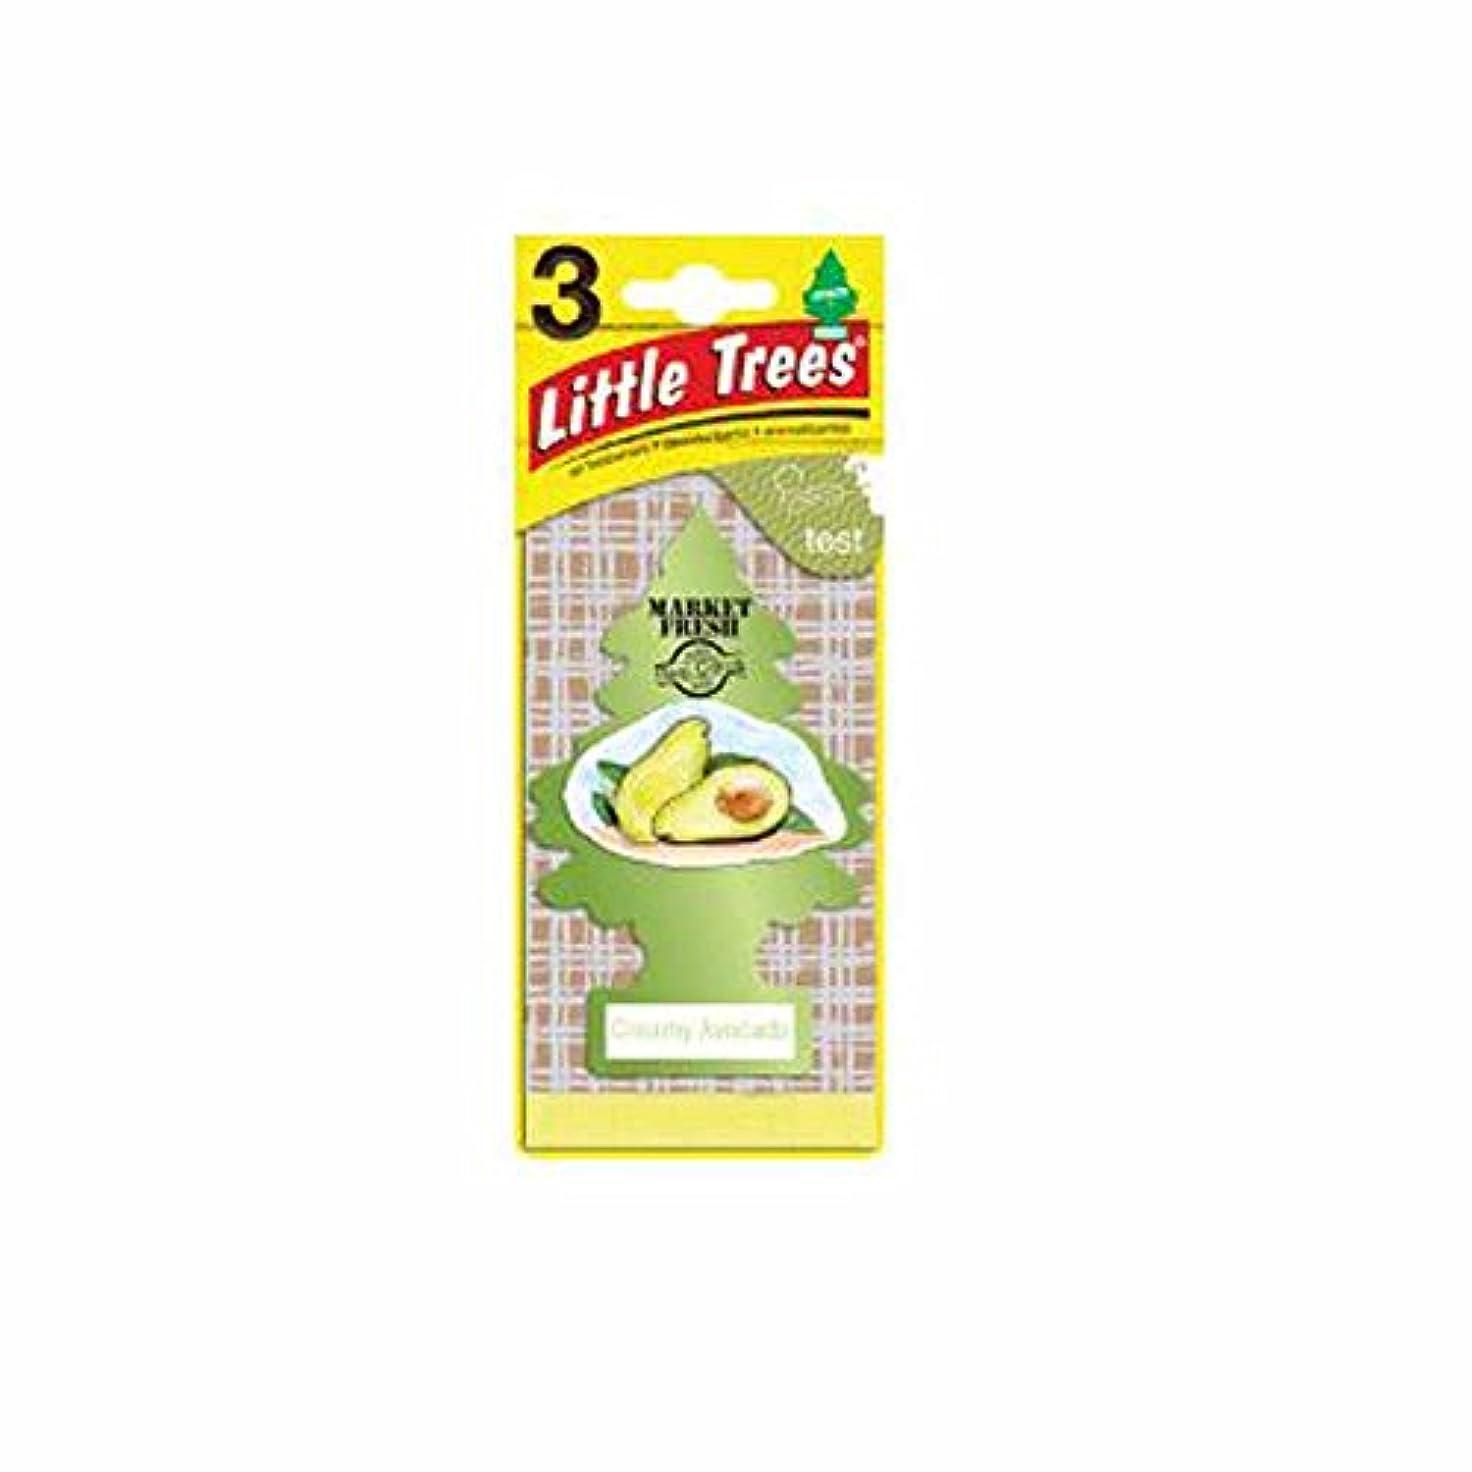 外部リアルソートLittle Trees 吊下げタイプ エアーフレッシュナー creamy avocado(クリーミーアボカド) 3枚セット(3P) U3S-37340